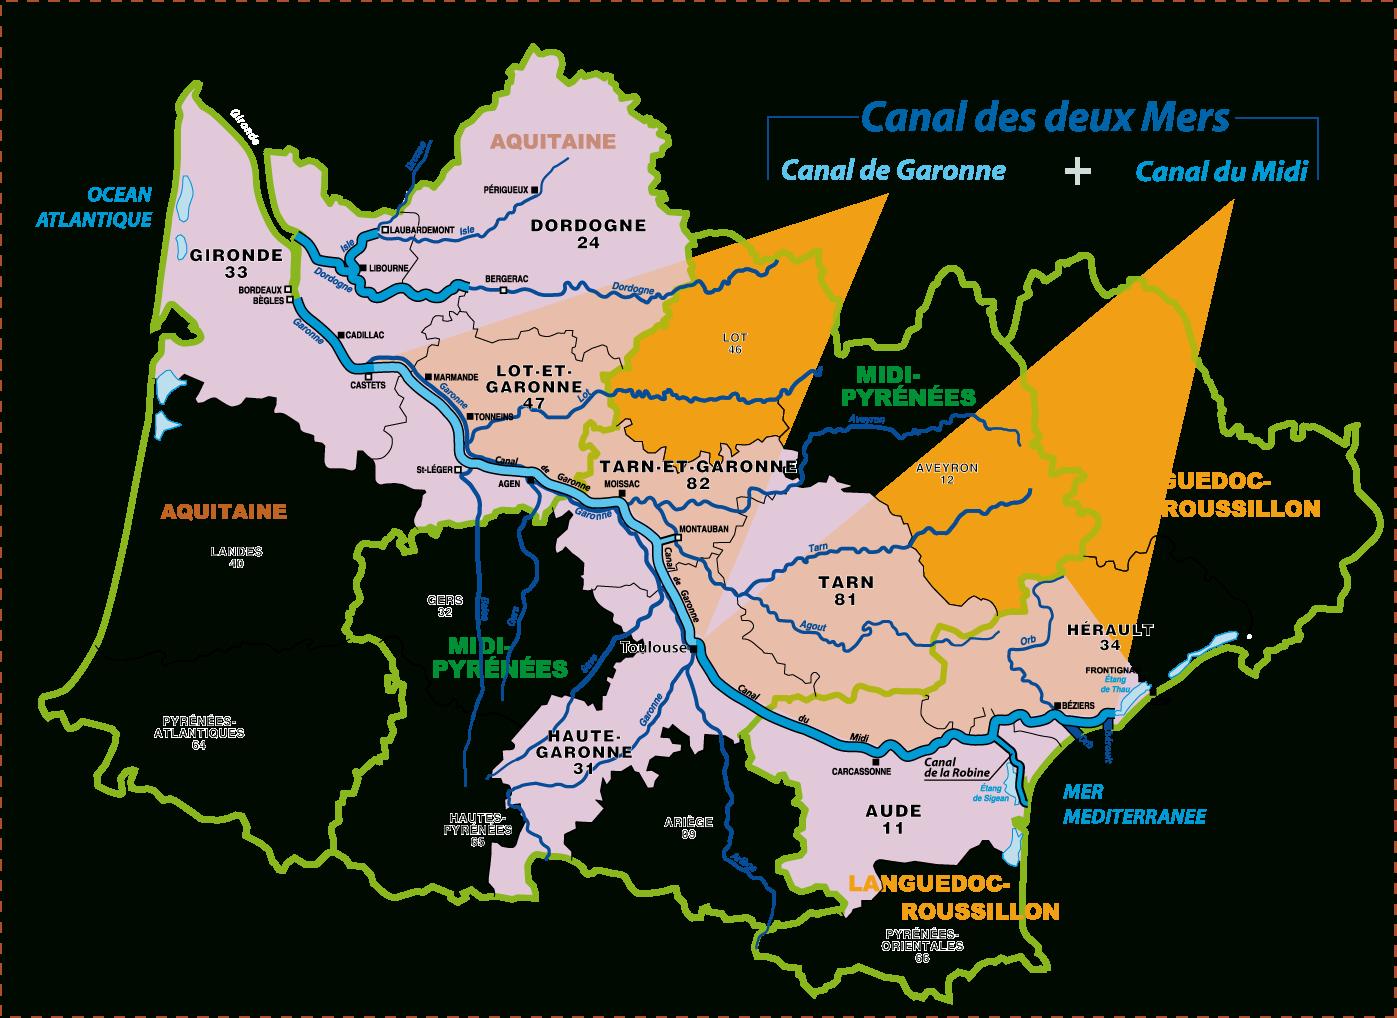 Le Réseau Du Sud-Ouest - Internet De La Direction intérieur Carte Fleuve France